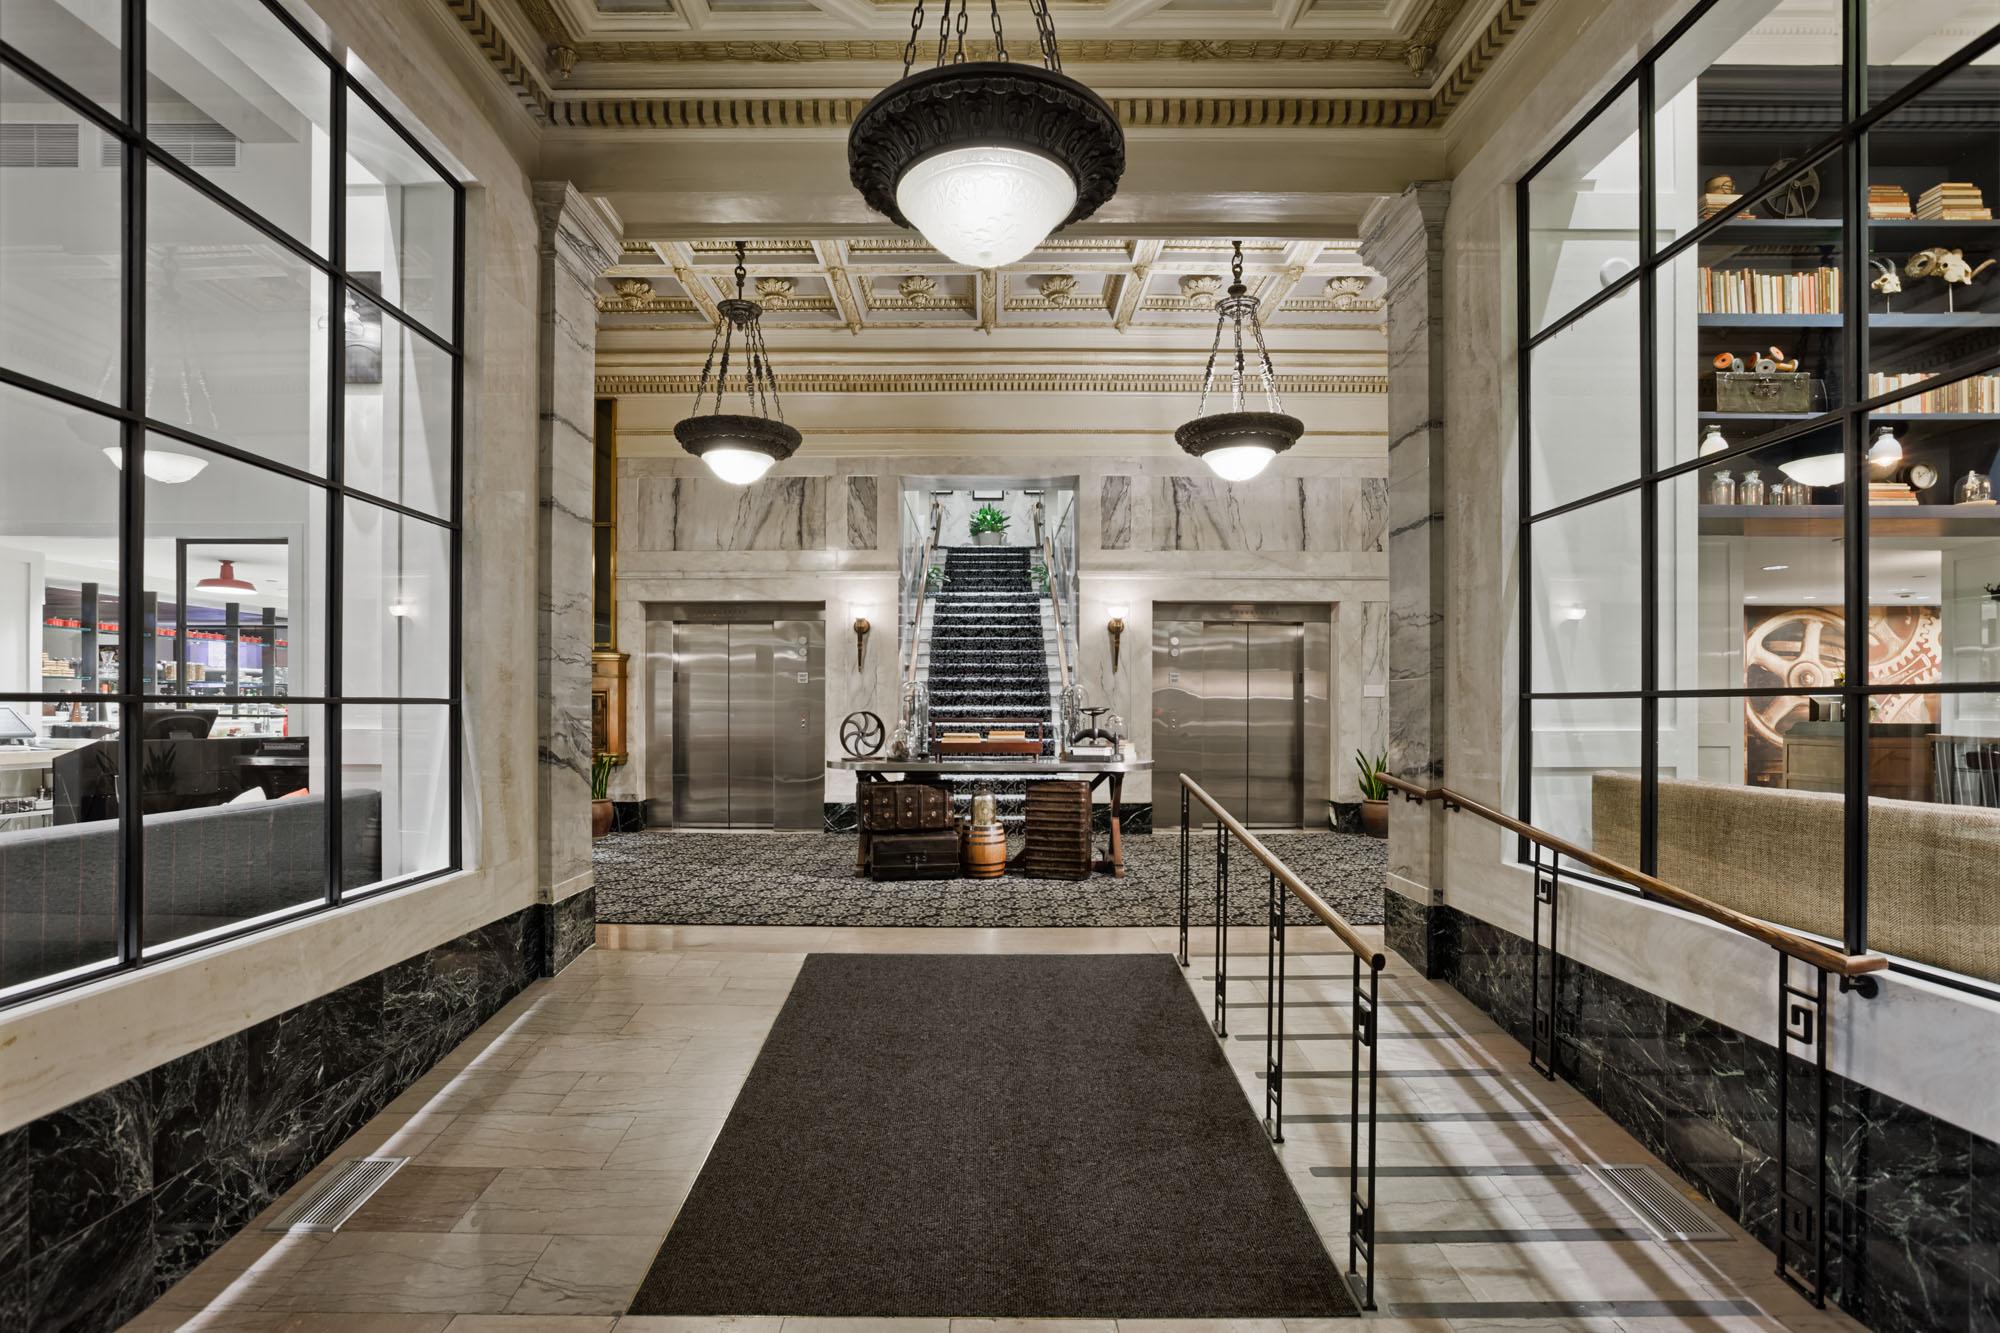 Hotel Entrance Foyer : Downtown hotel stats visit denver